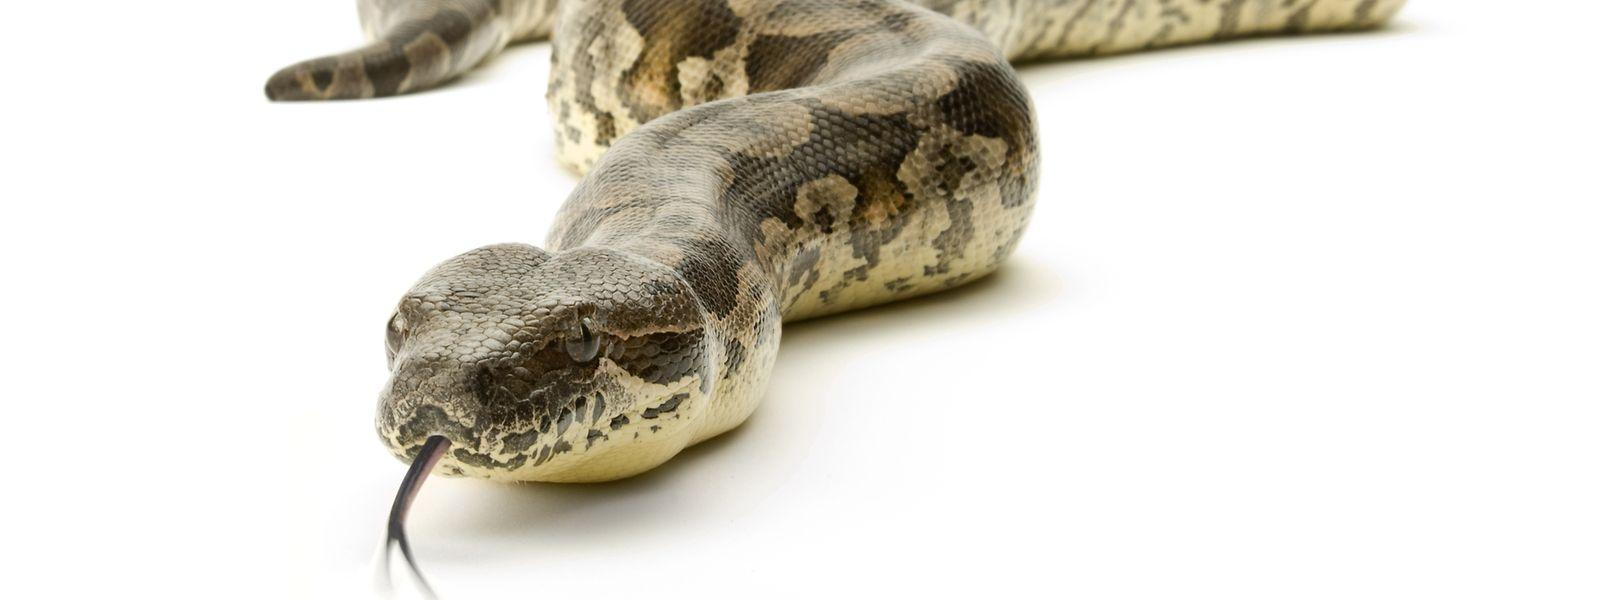 Unter den Tieren befanden sich neben Schlangen auch Skorpione und Tausendfüßler.